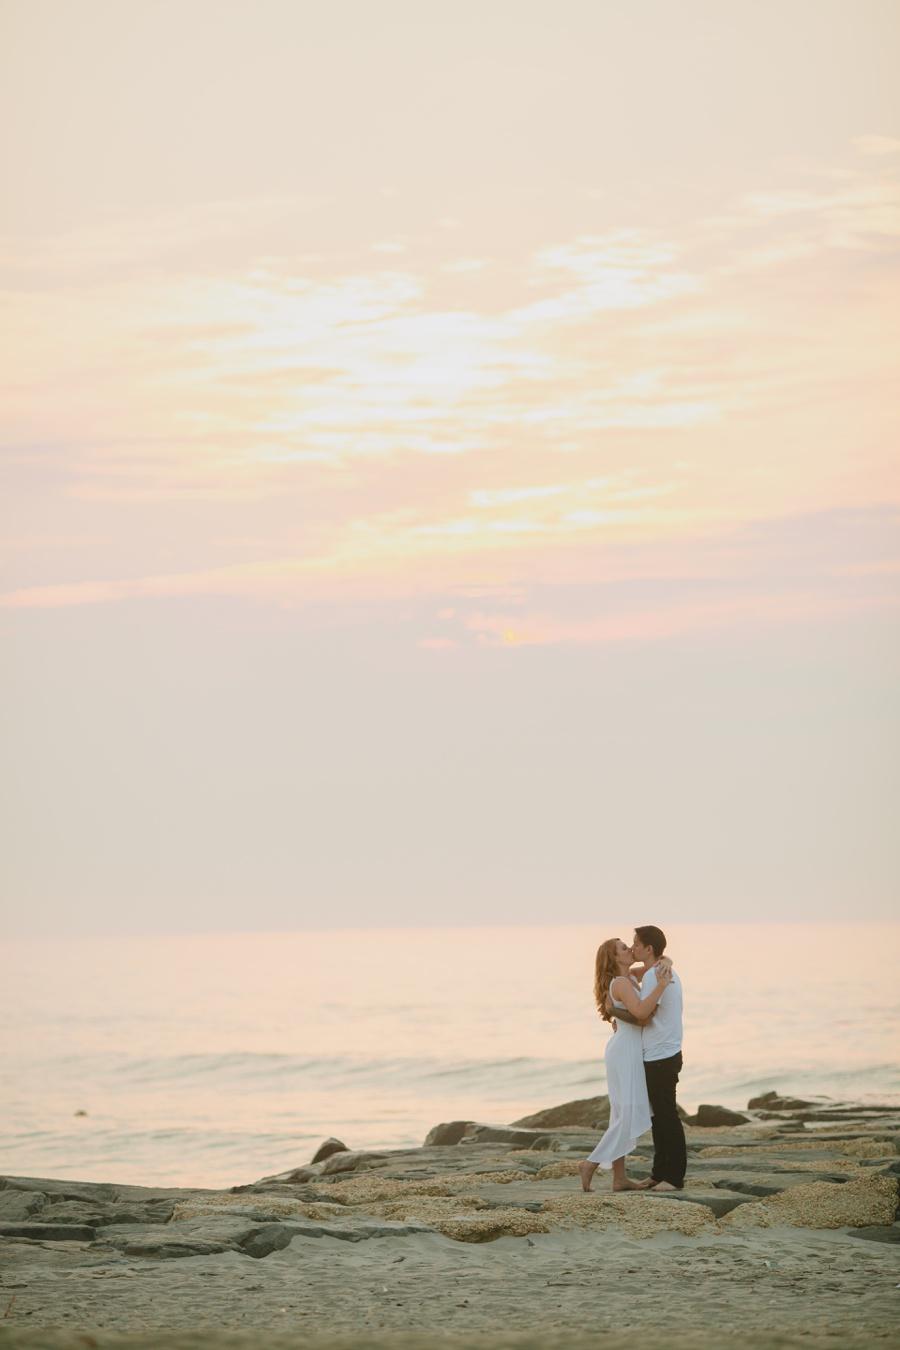 Jersey Shore wedding photography - Romantic beach photos